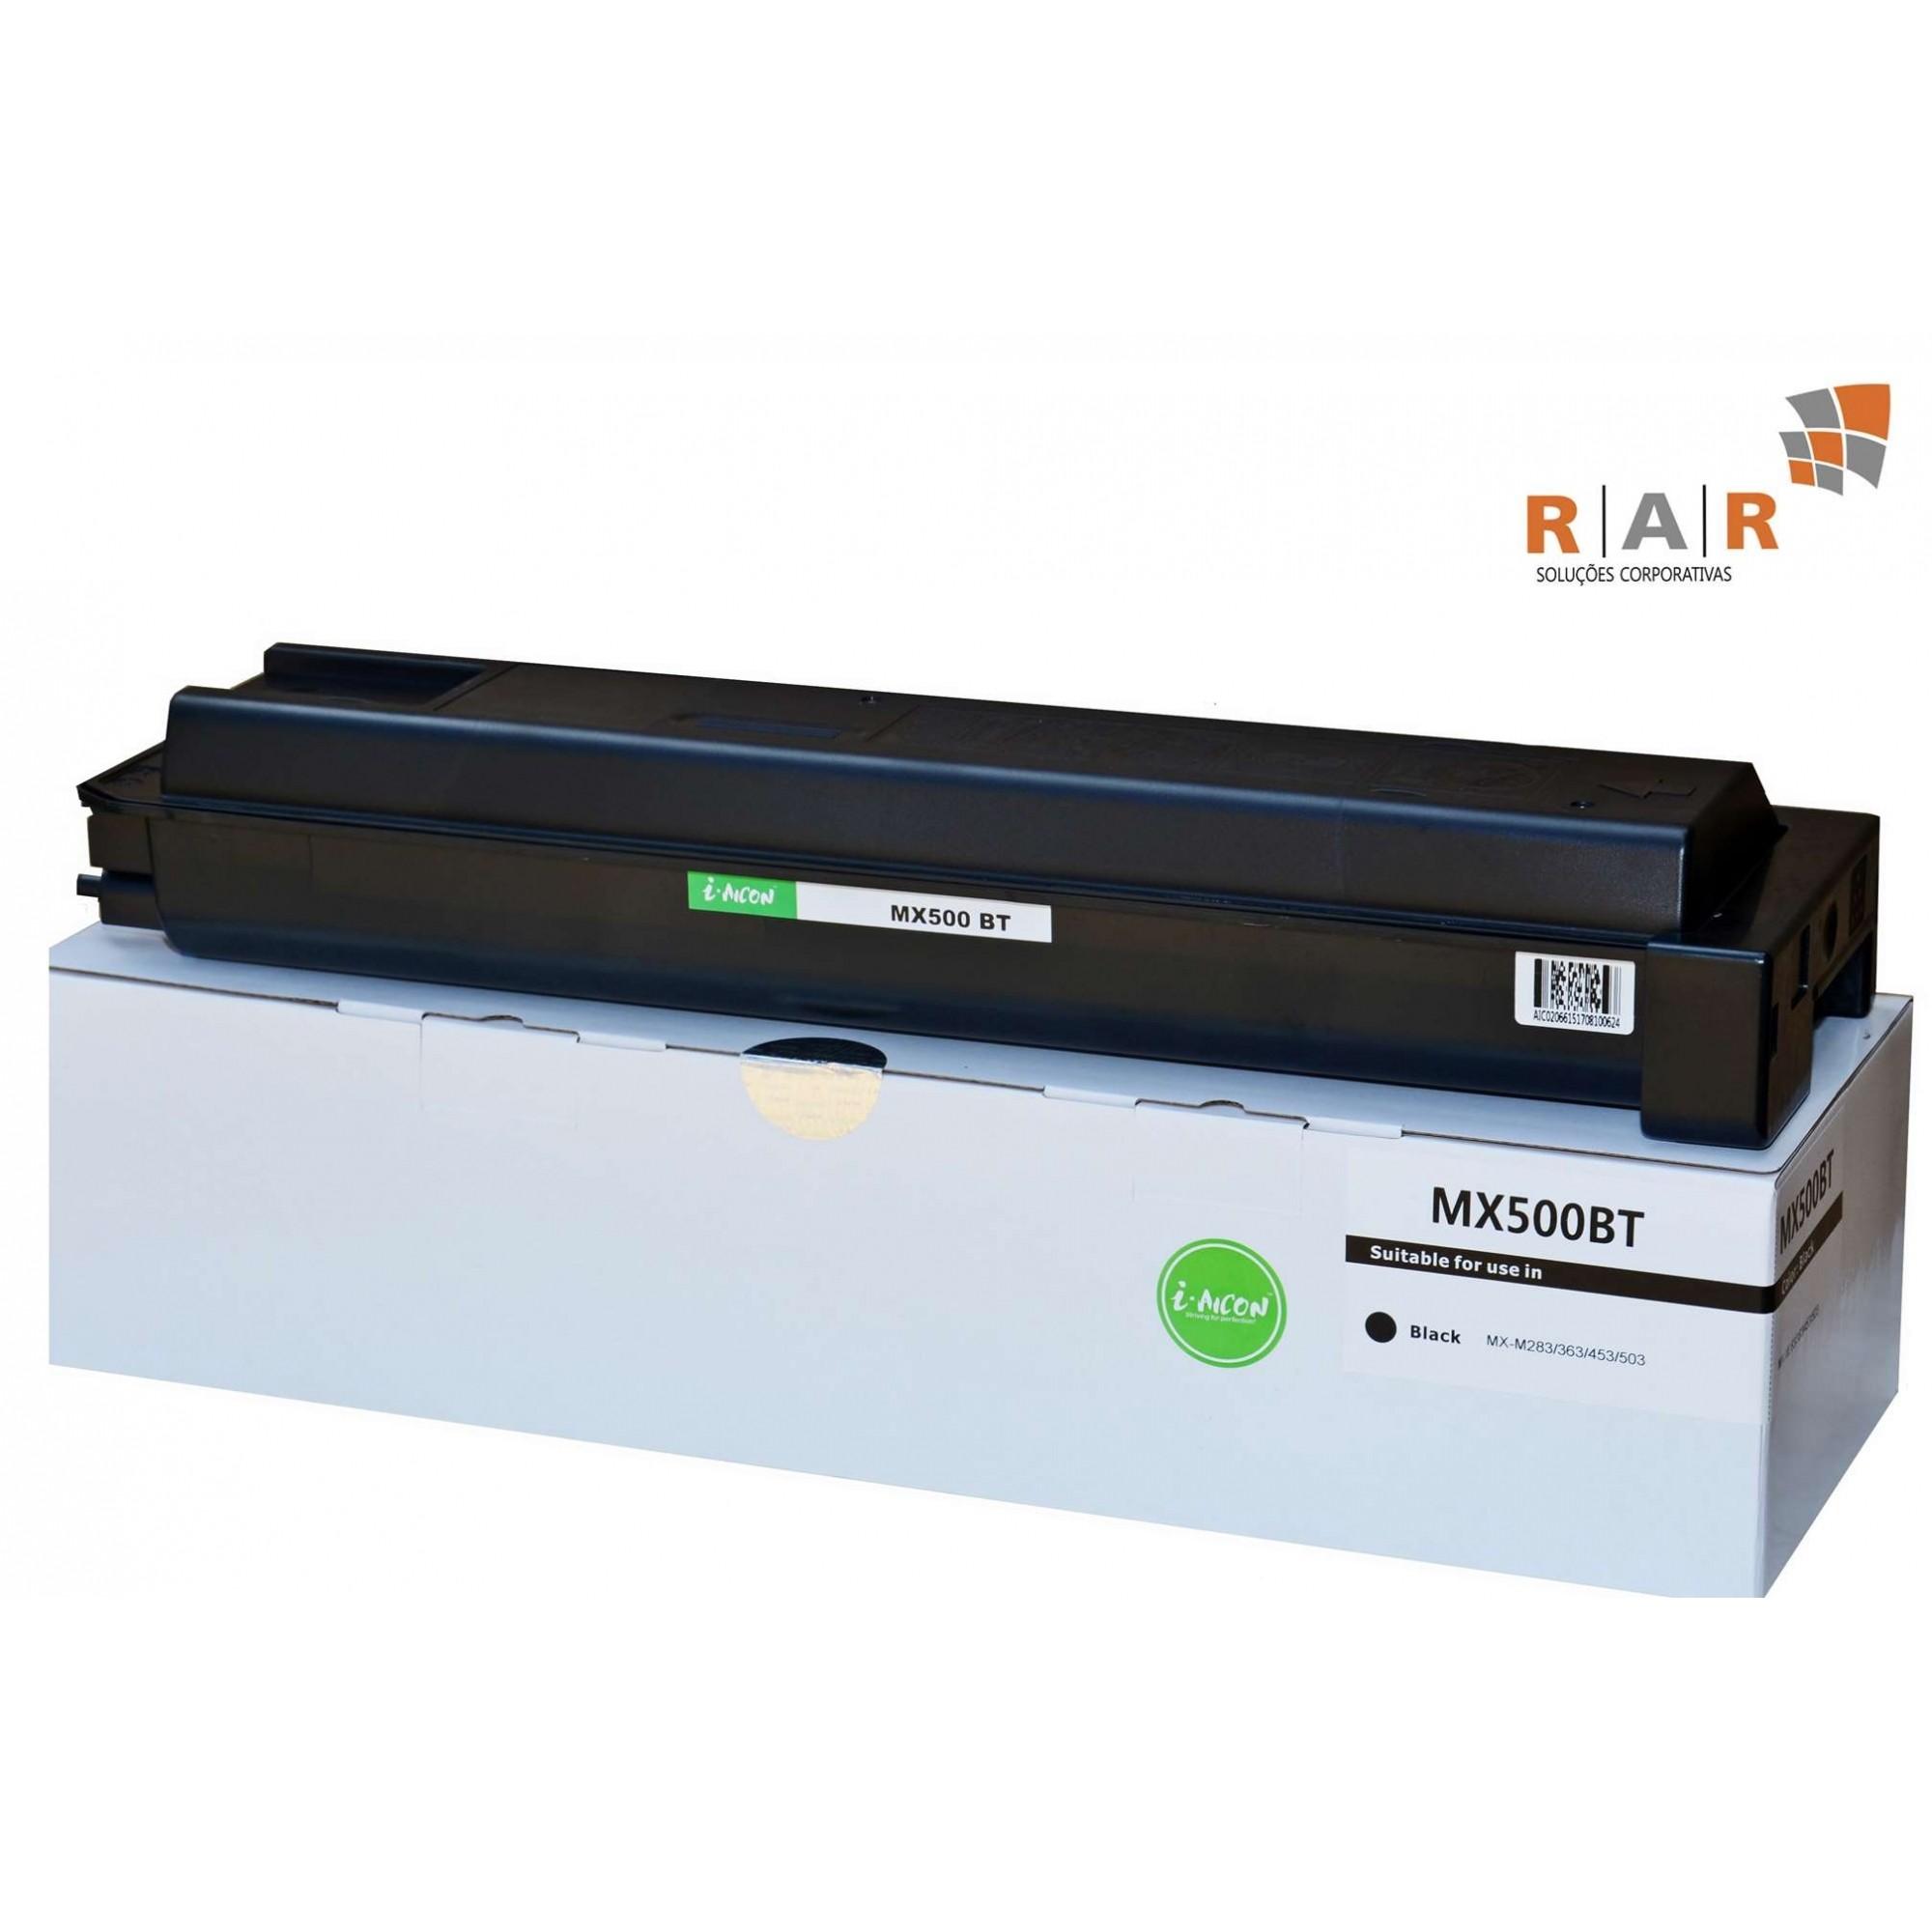 MX500BT / MX-500BT / MX500NT / MX-500NT - CARTUCHO DE TONER PRETO COMPATÍVEL 100% NOVO PARA SHARP MXM503N / M503 E SERIES